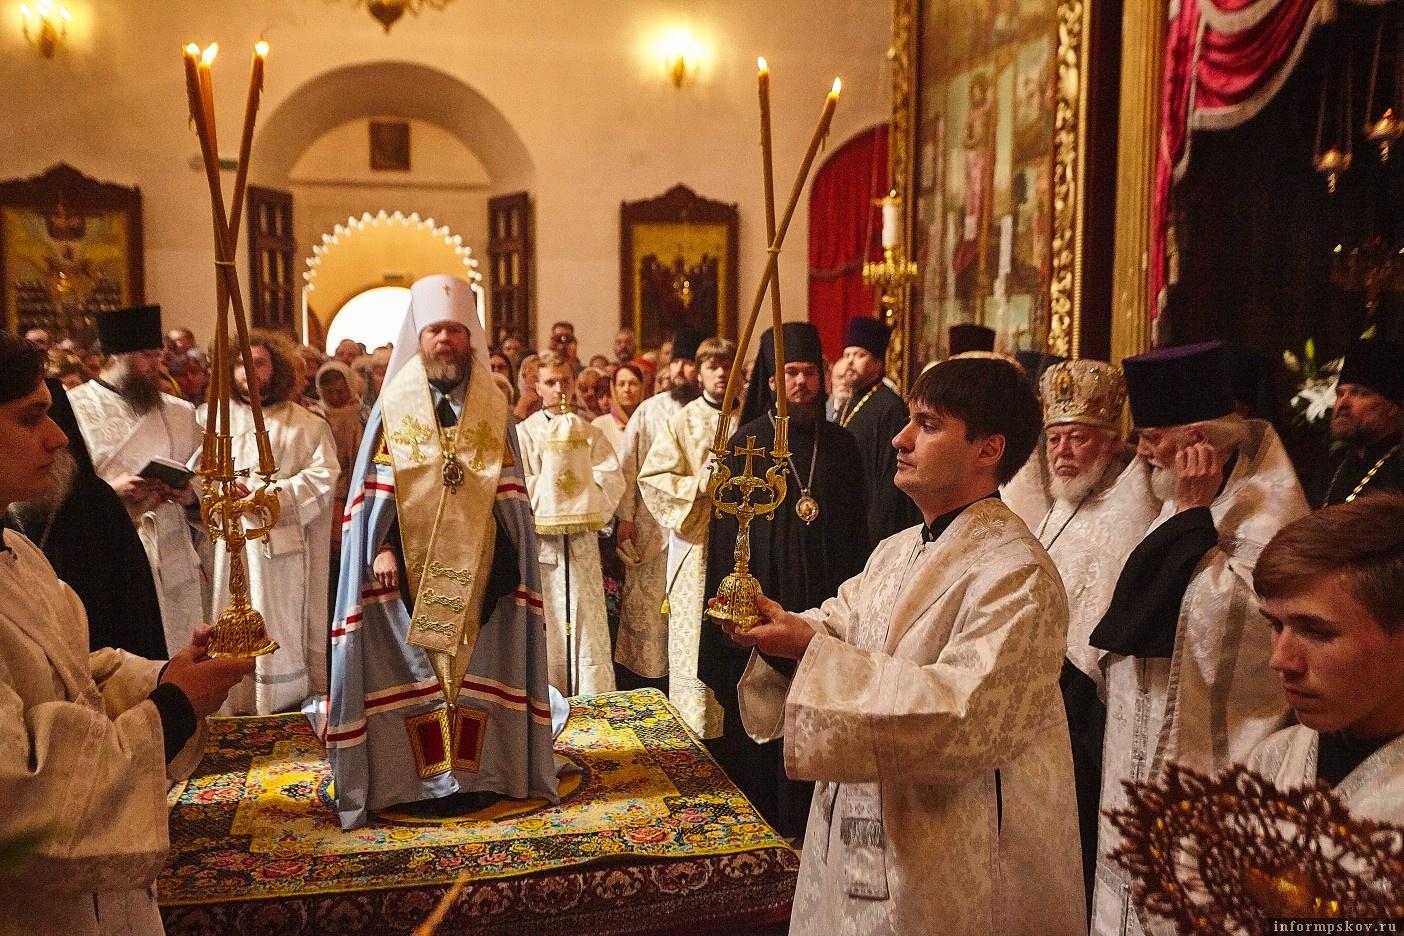 Фото из группы «Подворье Псково-Печерского монастыря в Пскове» в социальной сети «ВКонтакте»